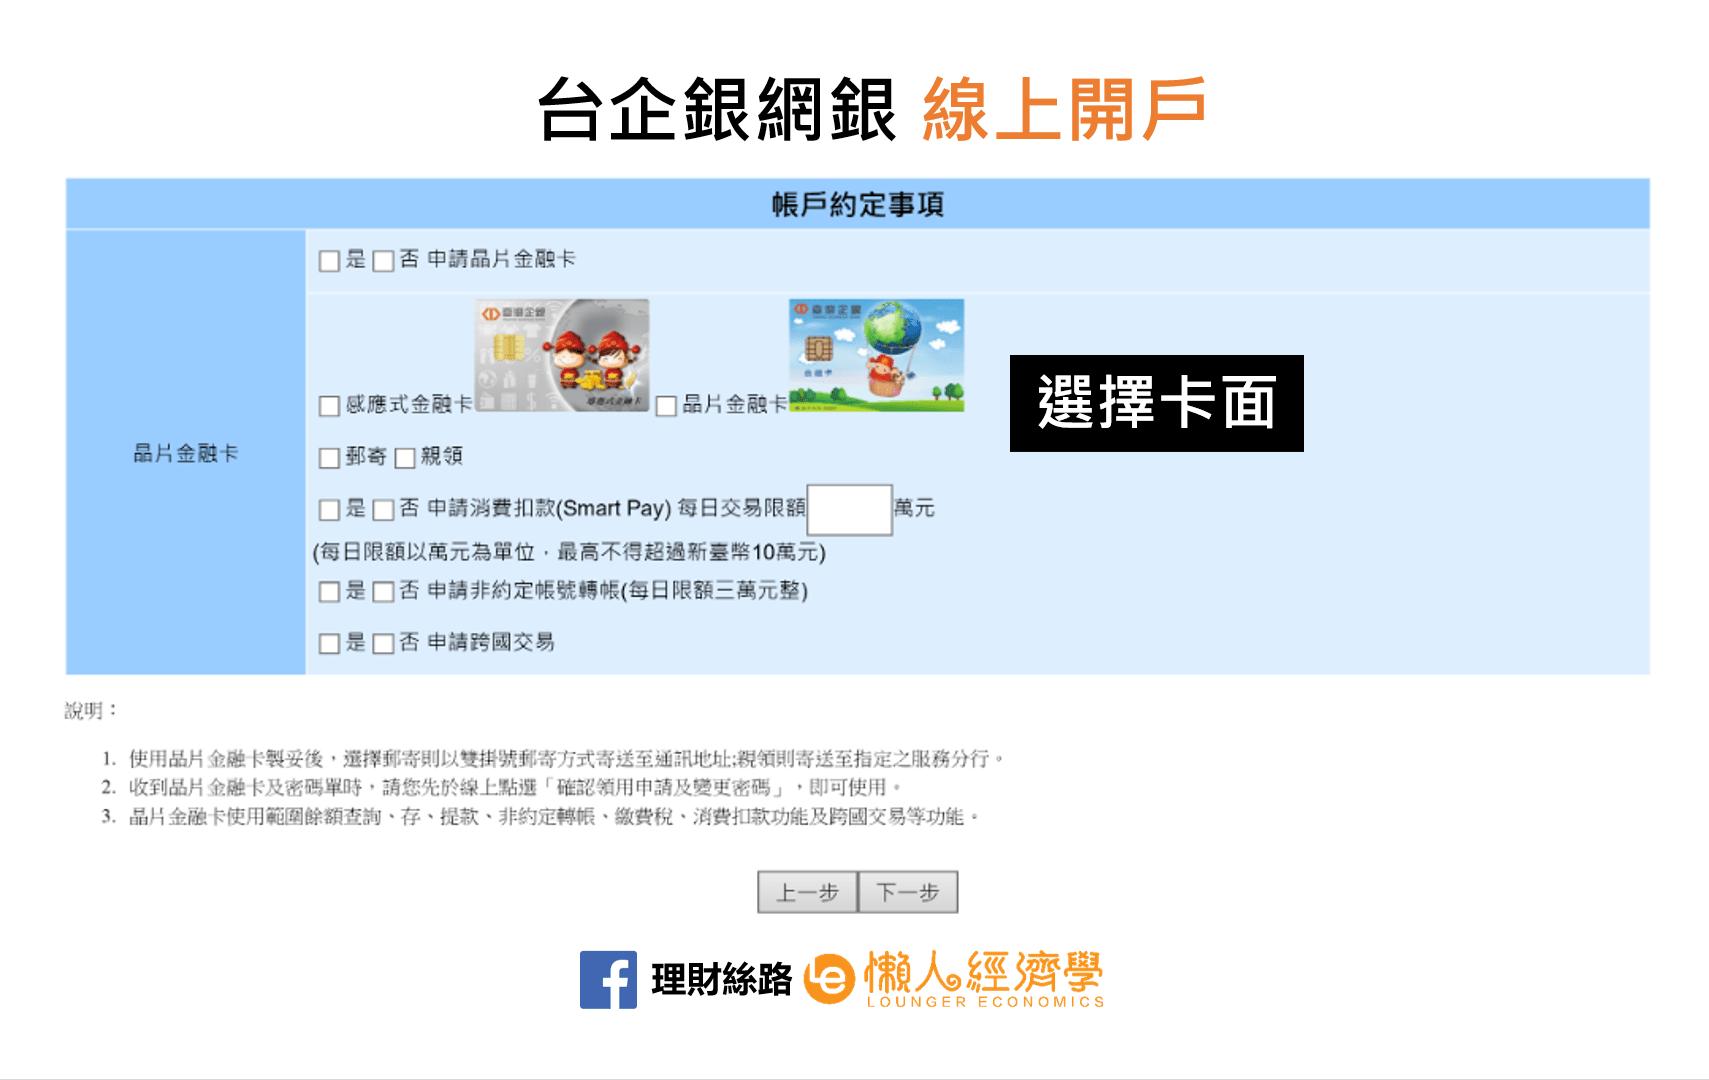 台企銀數位帳戶開戶教學-3